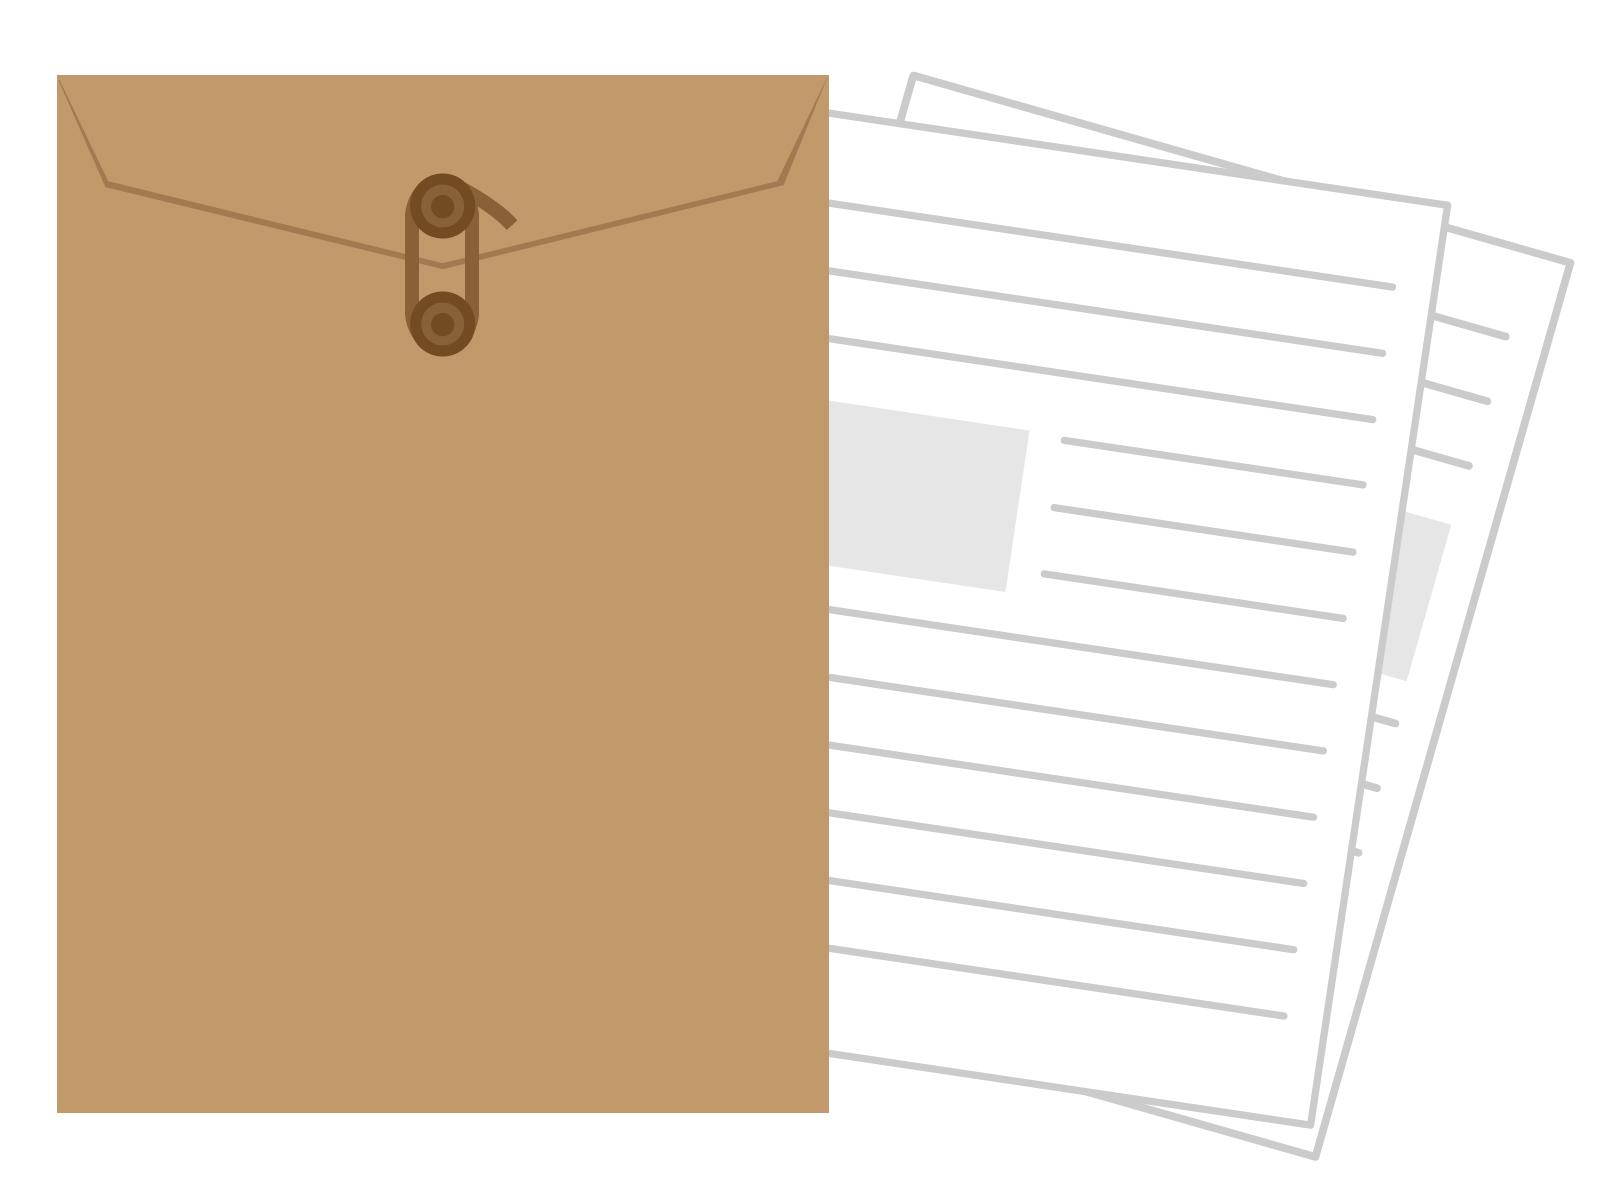 登記簿謄本 郵送請求